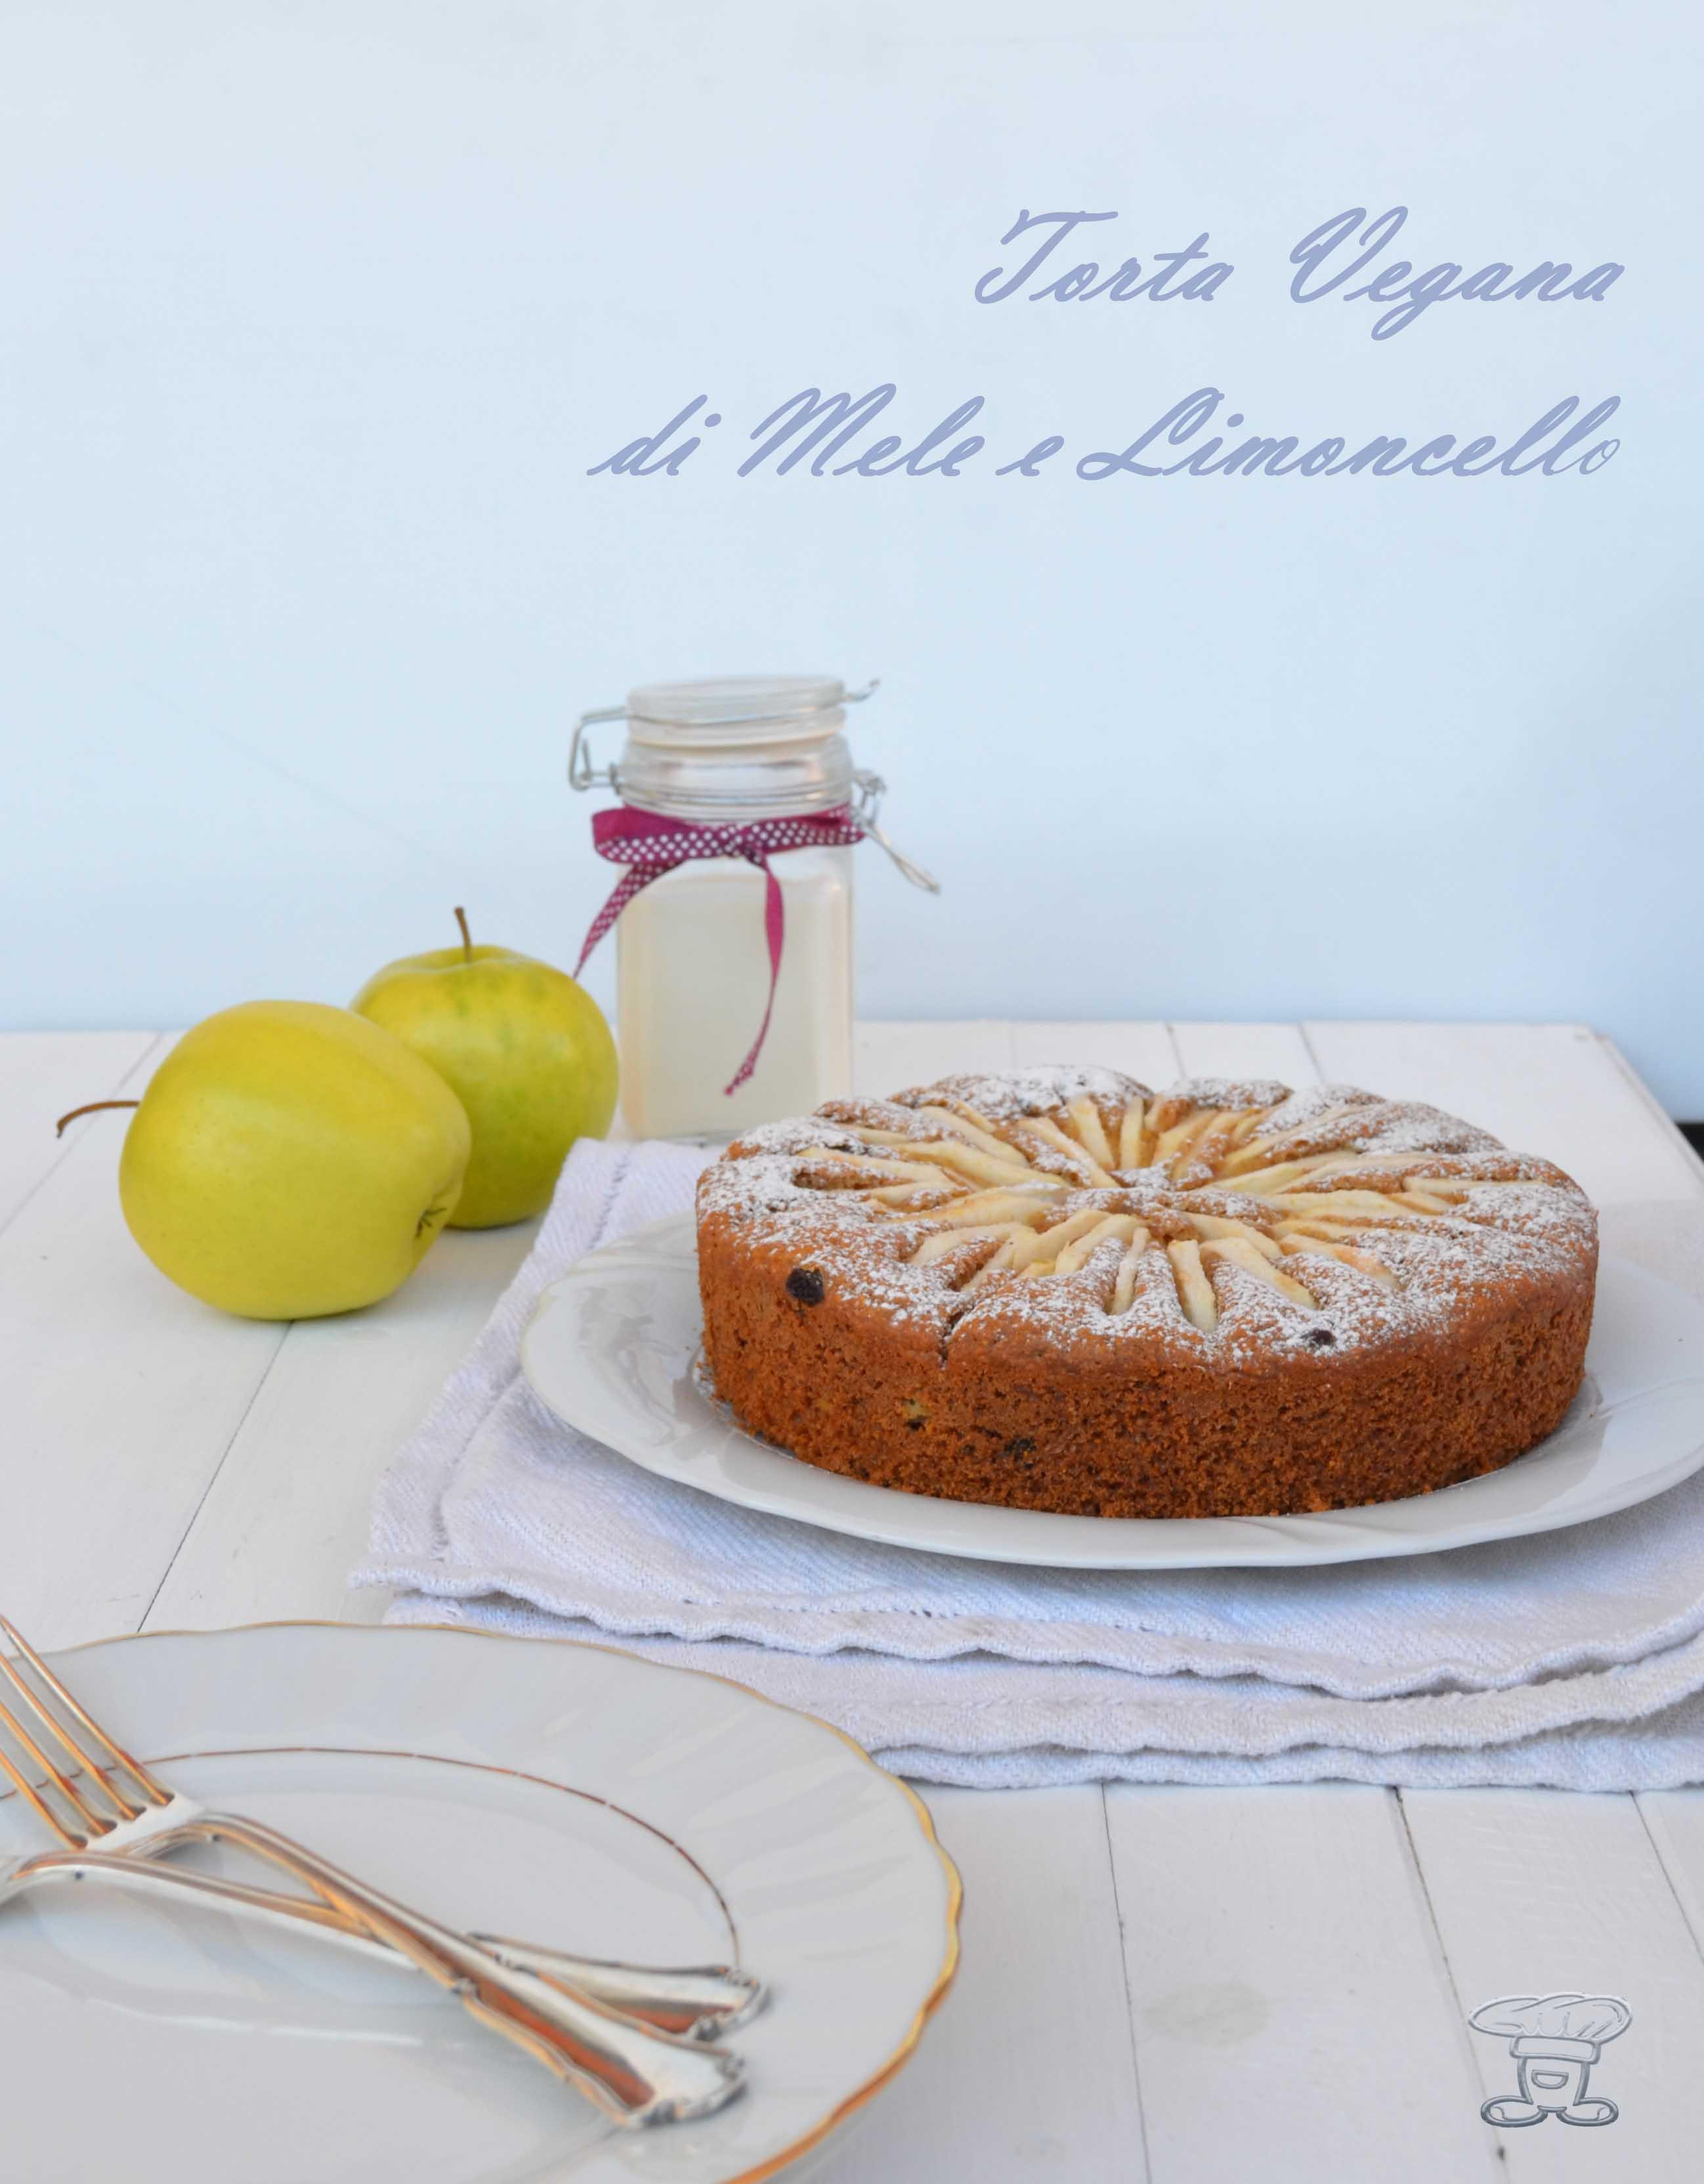 dsc_0698 Torta Vegana di Mele e Limoncello (...... senza lattosio!!!)